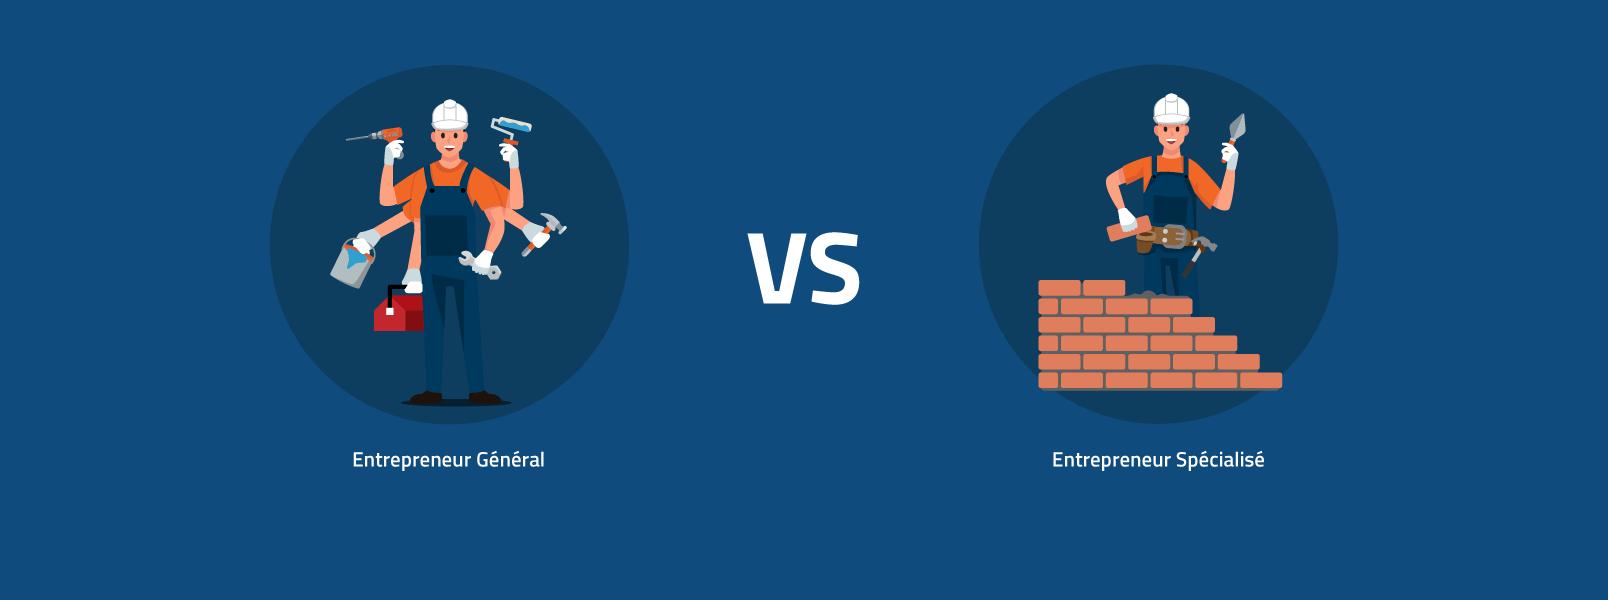 Choisir un entrepreneur général ou un entrepreneur spécialisé?